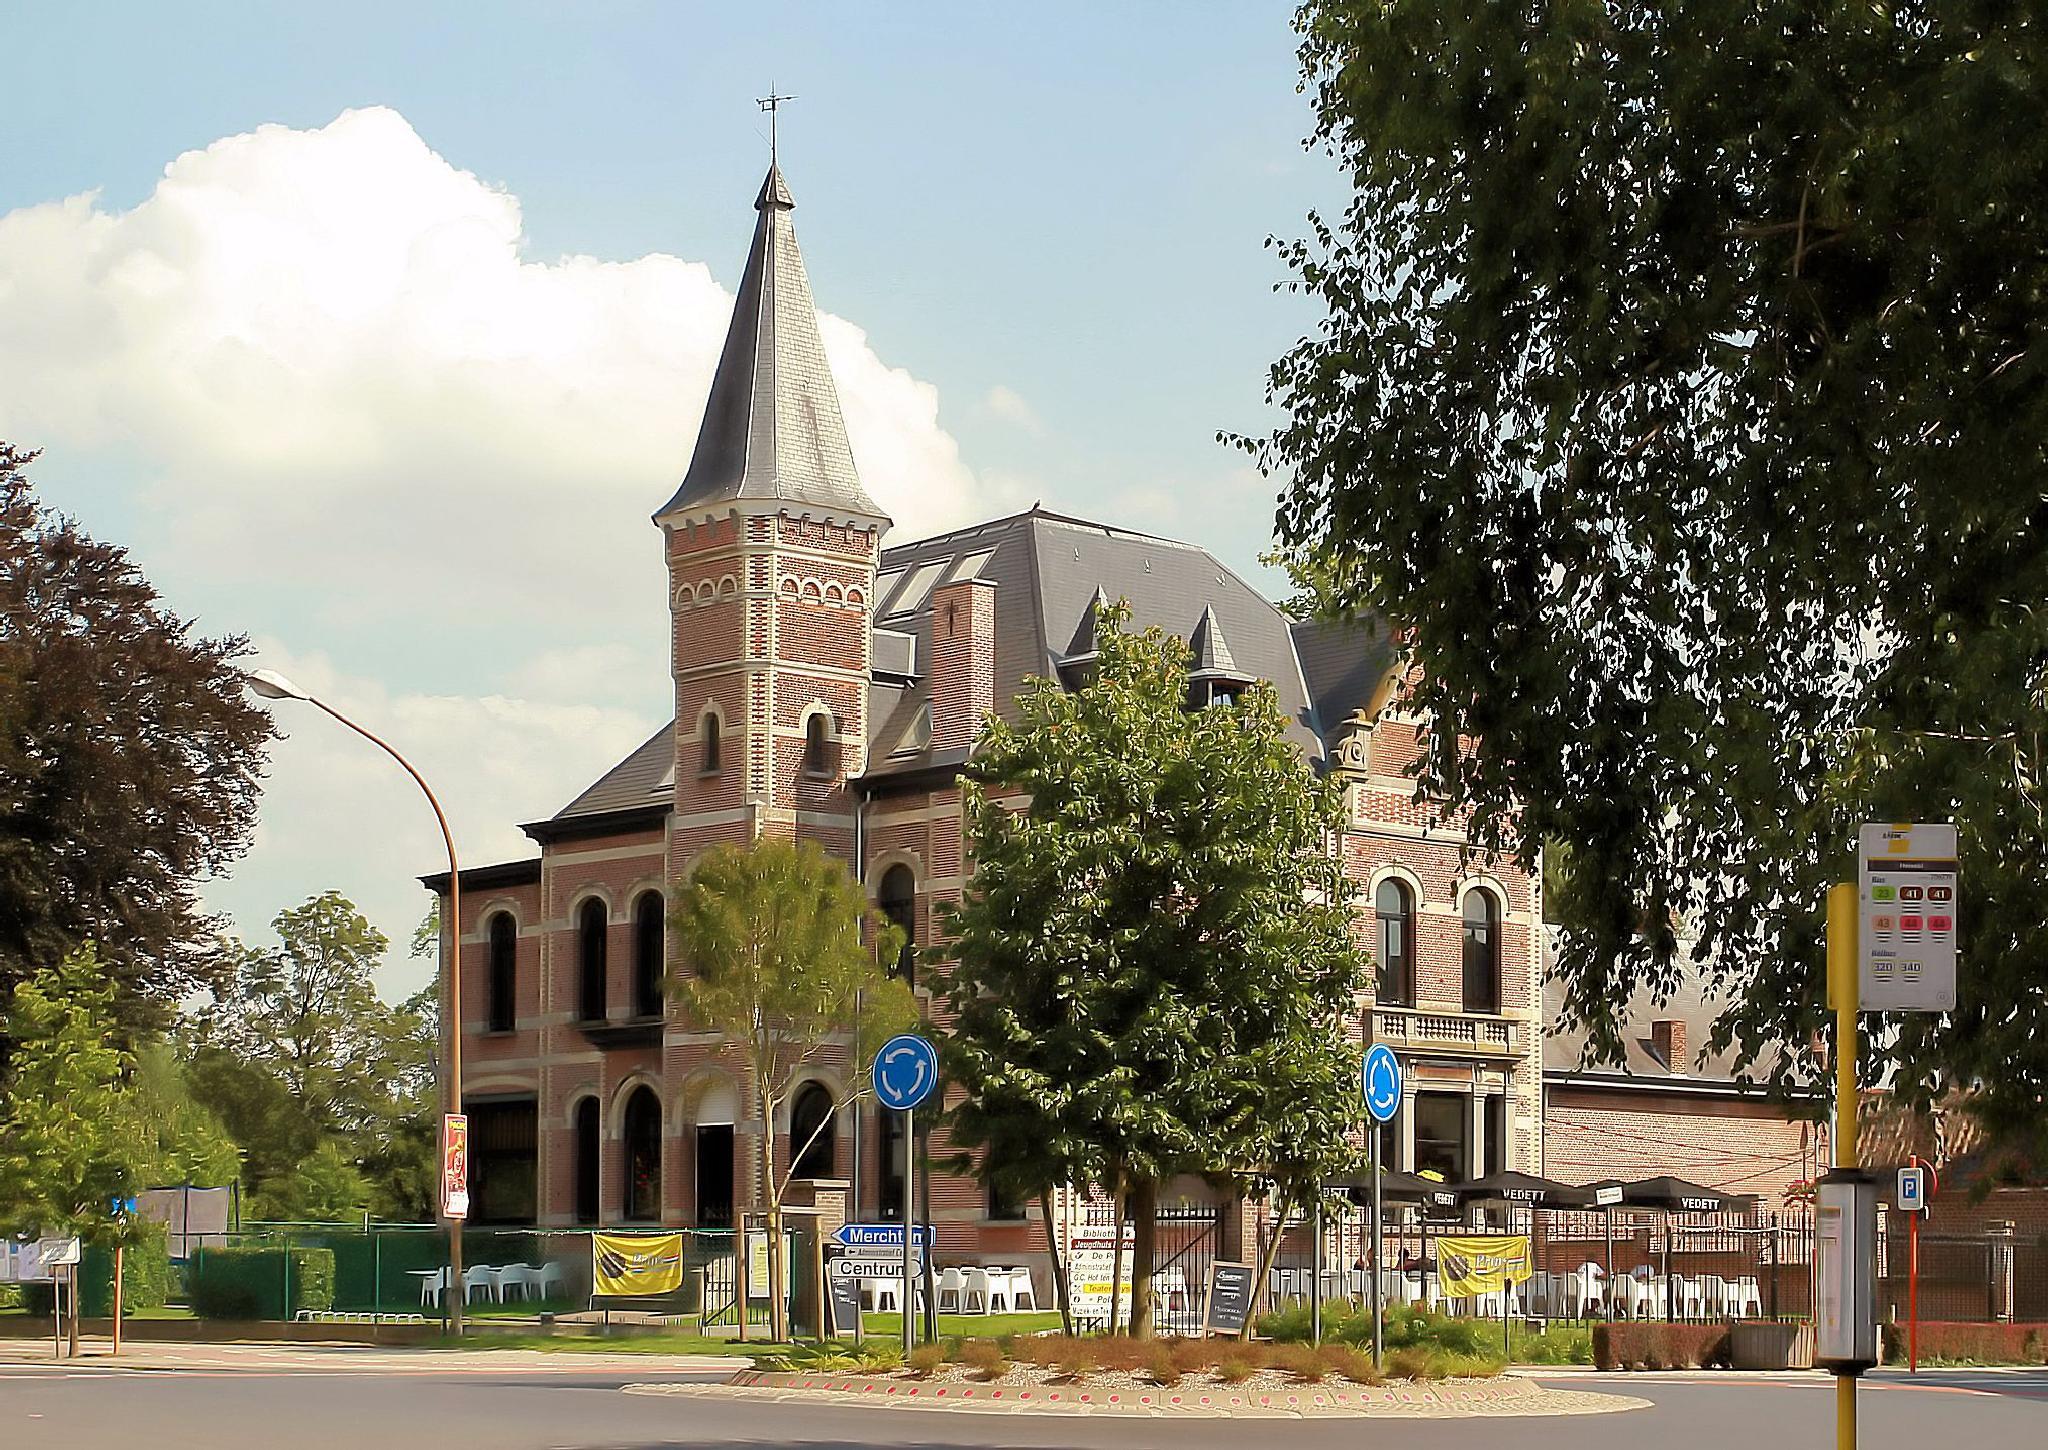 Wynants castle, Opwijk - Belgium by JPVD fotografie